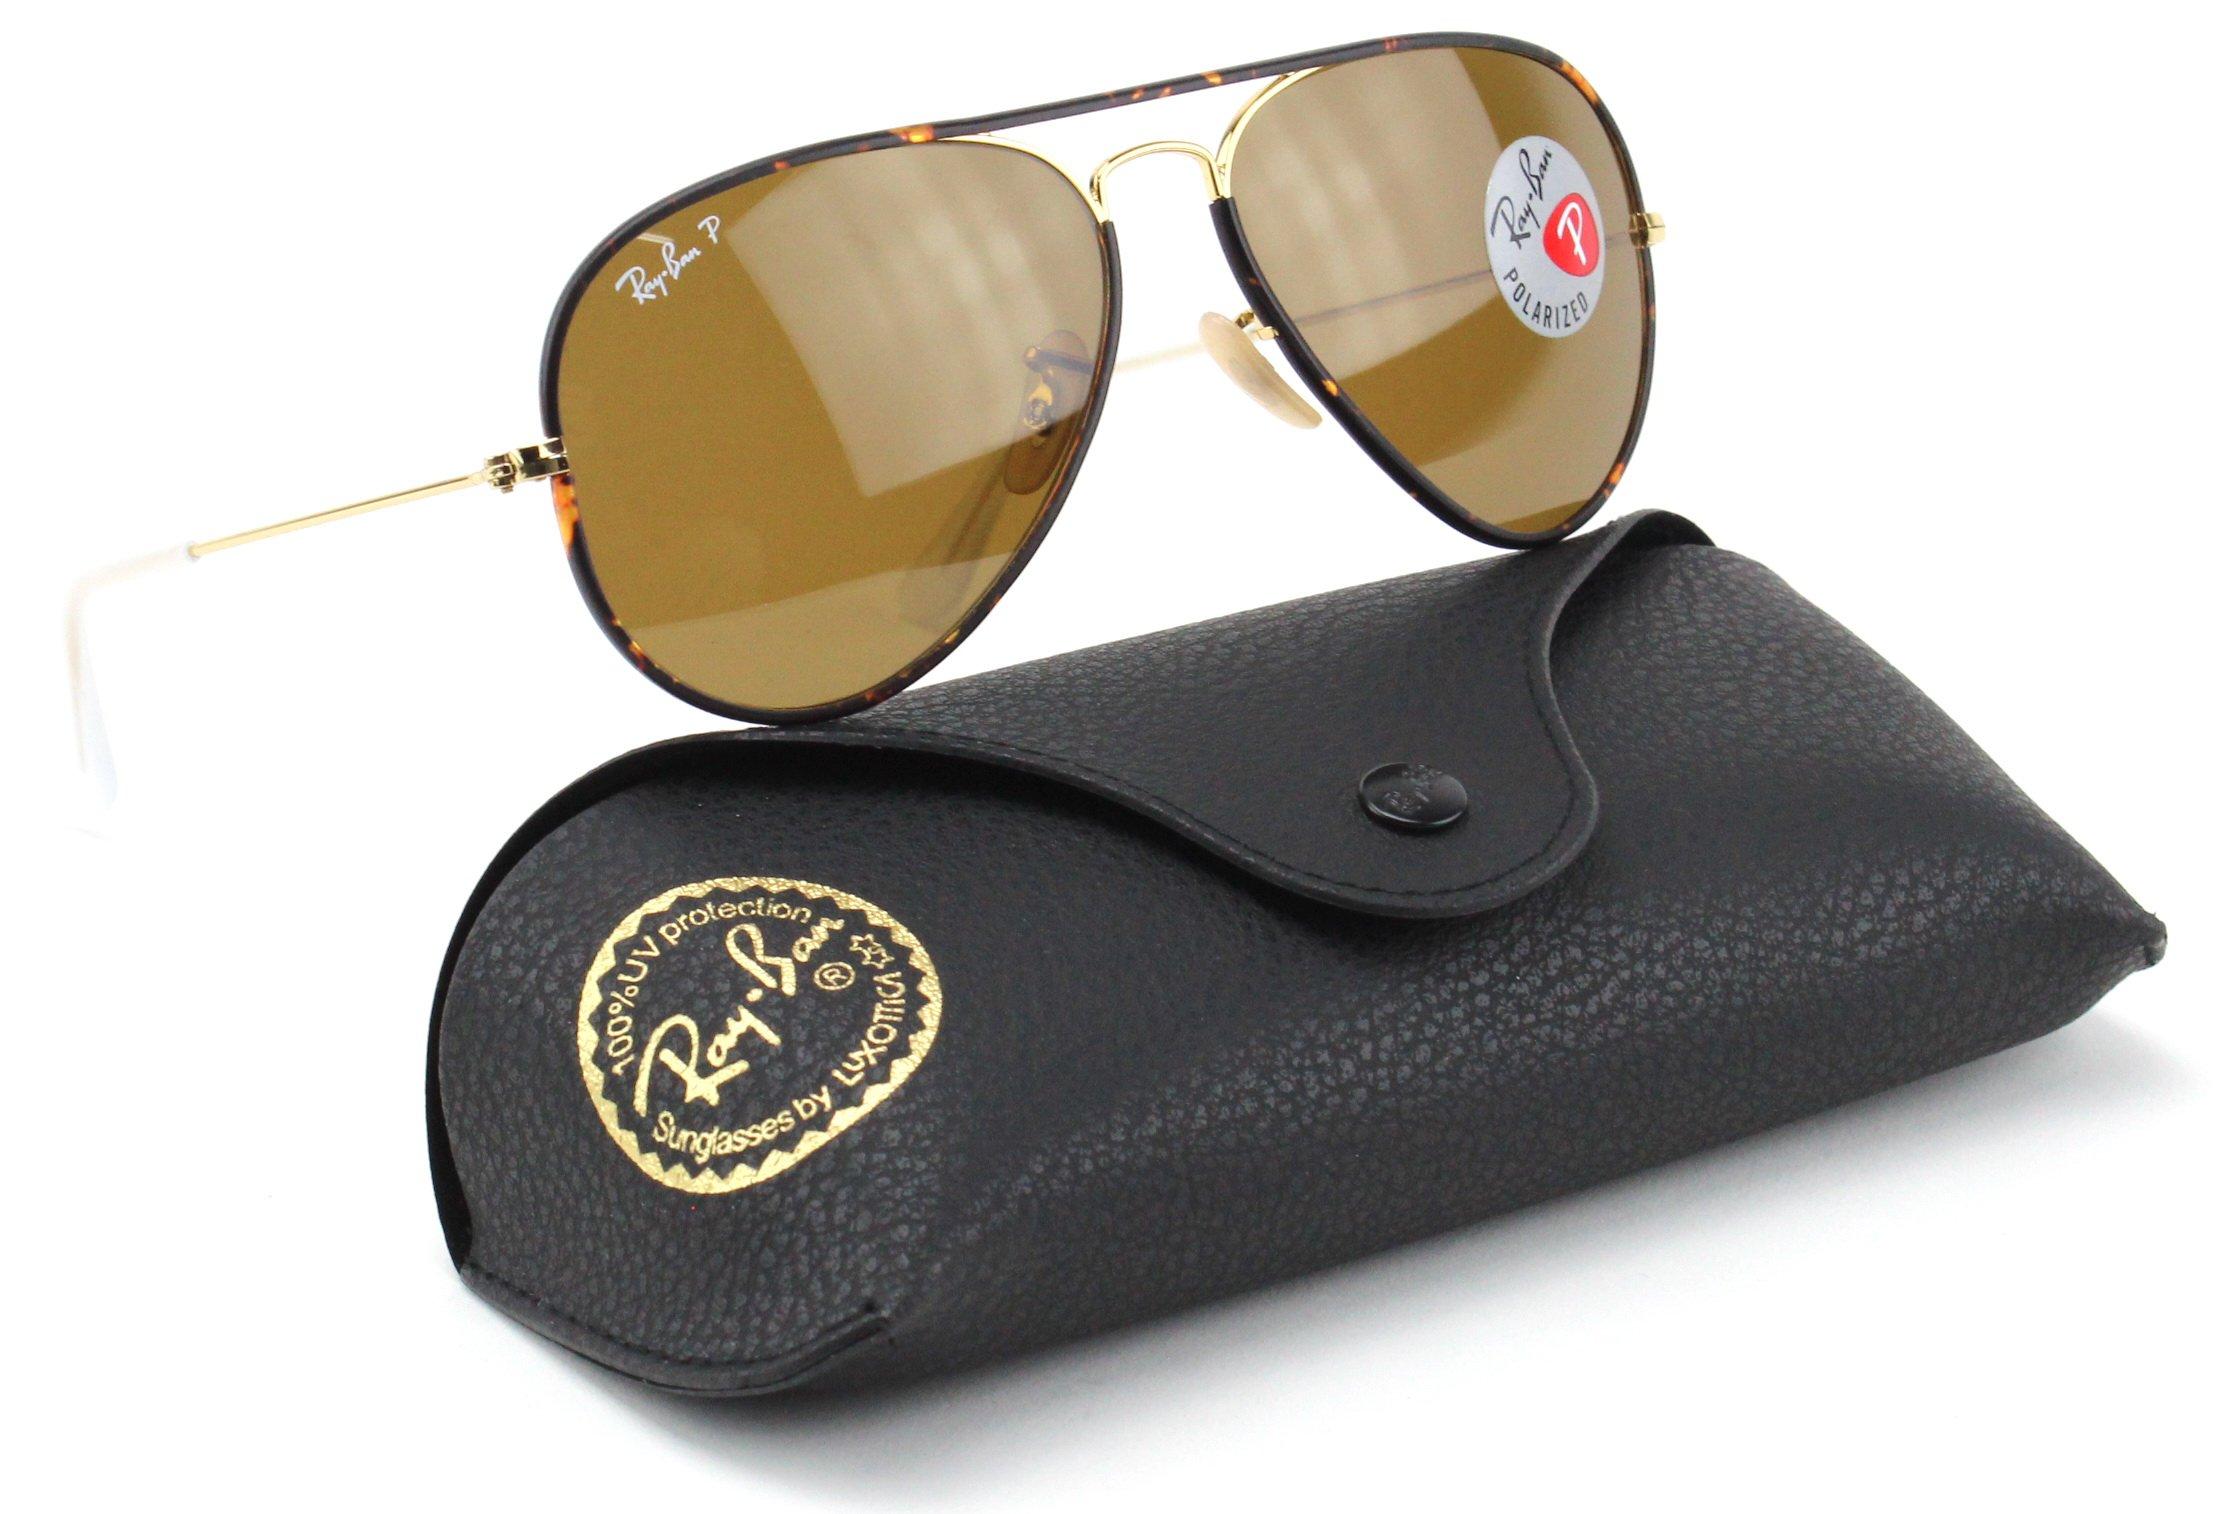 Ray-Ban RB3025JM 001/57 Sunglasses Tortoise Frame / Brown Polarized Lens 58mm